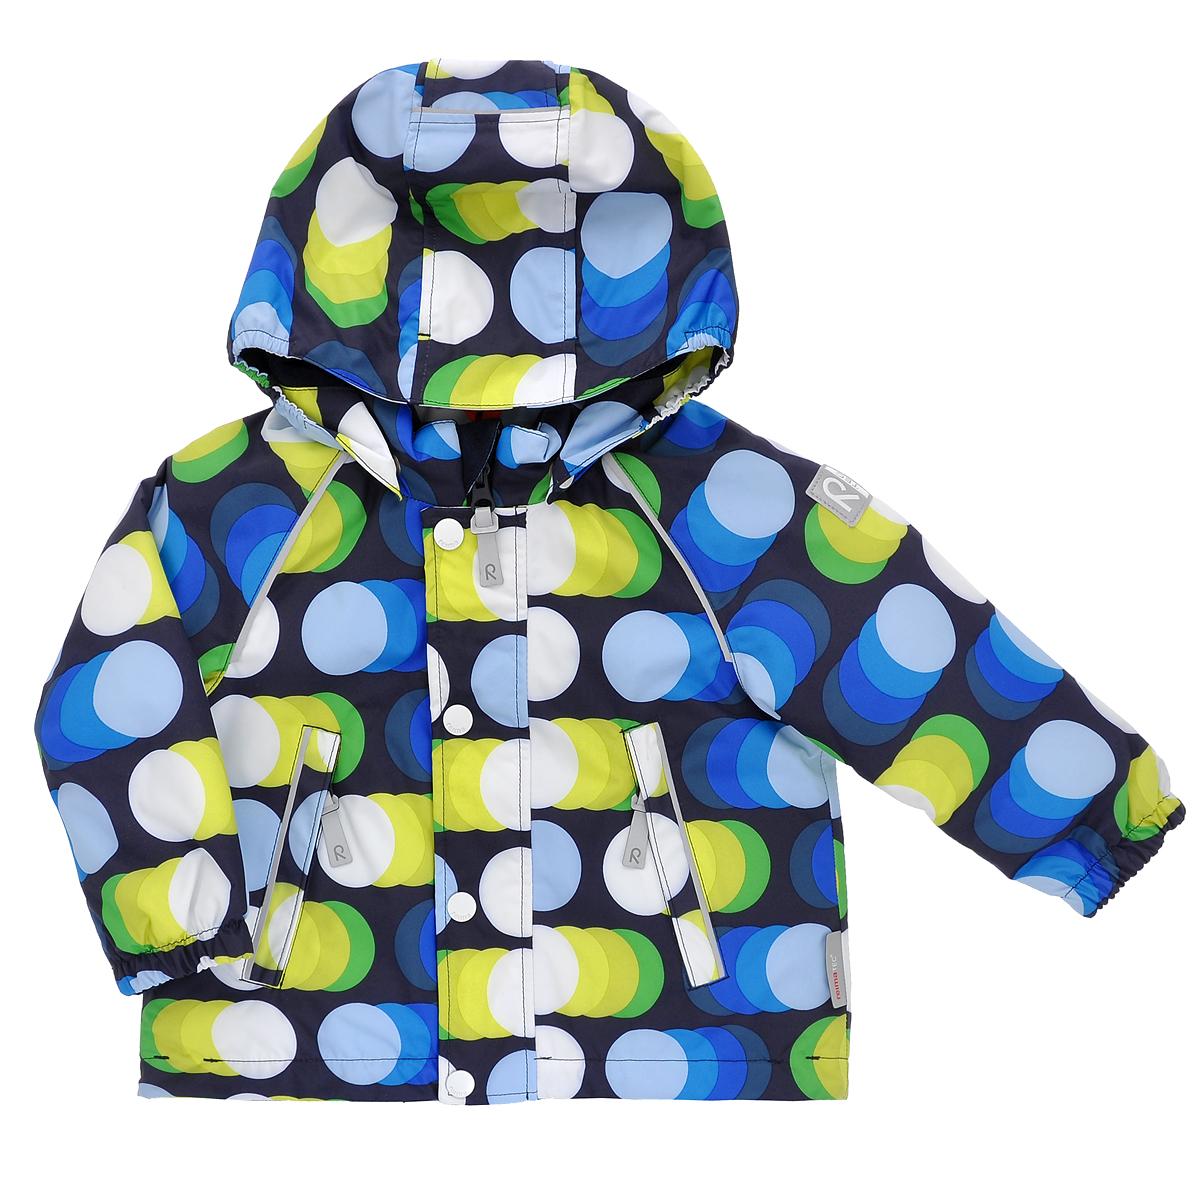 Куртка511140_6651Детская куртка Reimatec идеально подойдет для ребенка в прохладное время года. Куртка изготовлена из водоотталкивающей и ветрозащитной мембранной ткани. Материал отличается высокой устойчивостью к трению, благодаря специальной обработке полиуретаном поверхность изделия отталкивает грязь и воду, что облегчает поддержание аккуратного вида одежды, дышащее покрытие с изнаночной части не раздражает даже самую нежную и чувствительную кожу ребенка, обеспечивая ему наибольший комфорт. Куртка с удлиненной спинкой и капюшоном застегивается на пластиковую застежку-молнию с защитой подбородка, благодаря чему ее легко надевать и снимать, и дополнительно имеет ветрозащитный клапан на кнопках. Капюшон, присборенный по бокам, защитит нежные щечки от ветра, он пристегивается к куртке при помощи кнопок. Края рукавов дополнены неширокими эластичными манжетами, которые мягко обхватывают запястья. Мягкая подкладка на воротнике, капюшоне и манжетах обеспечивает дополнительный комфорт. По бокам...